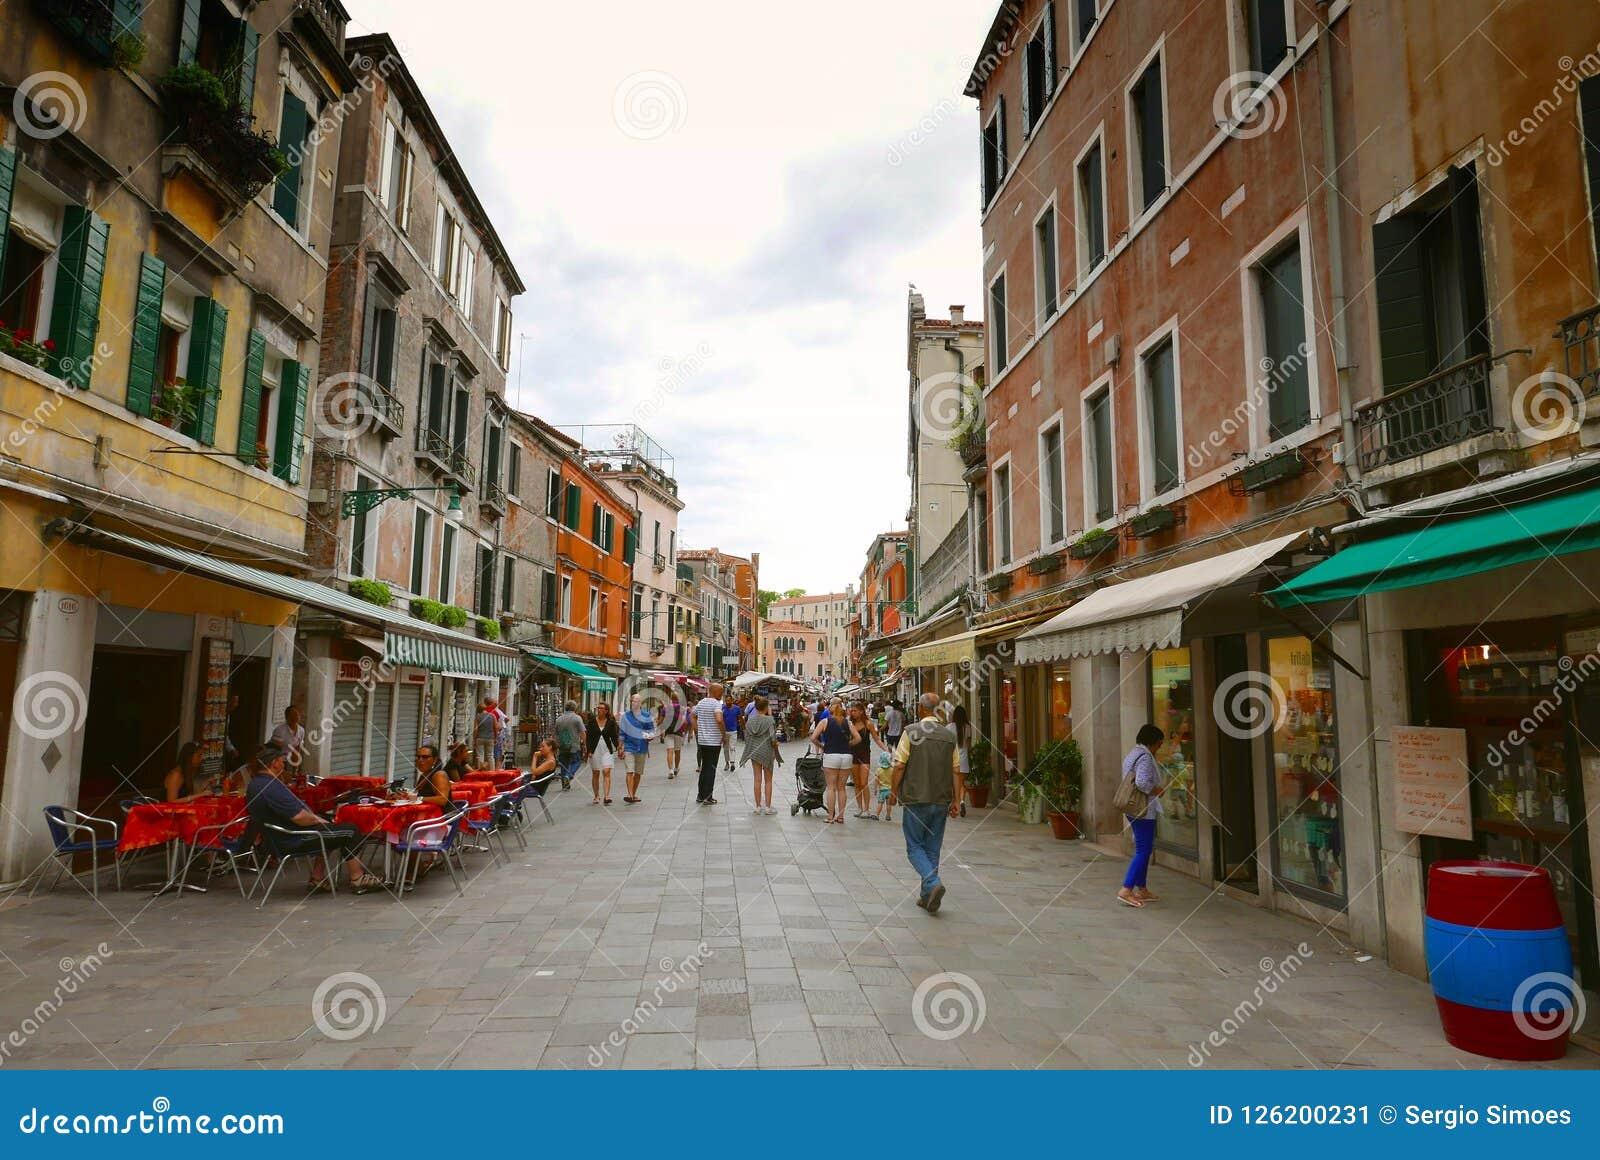 Uliczna scena w Wenecja